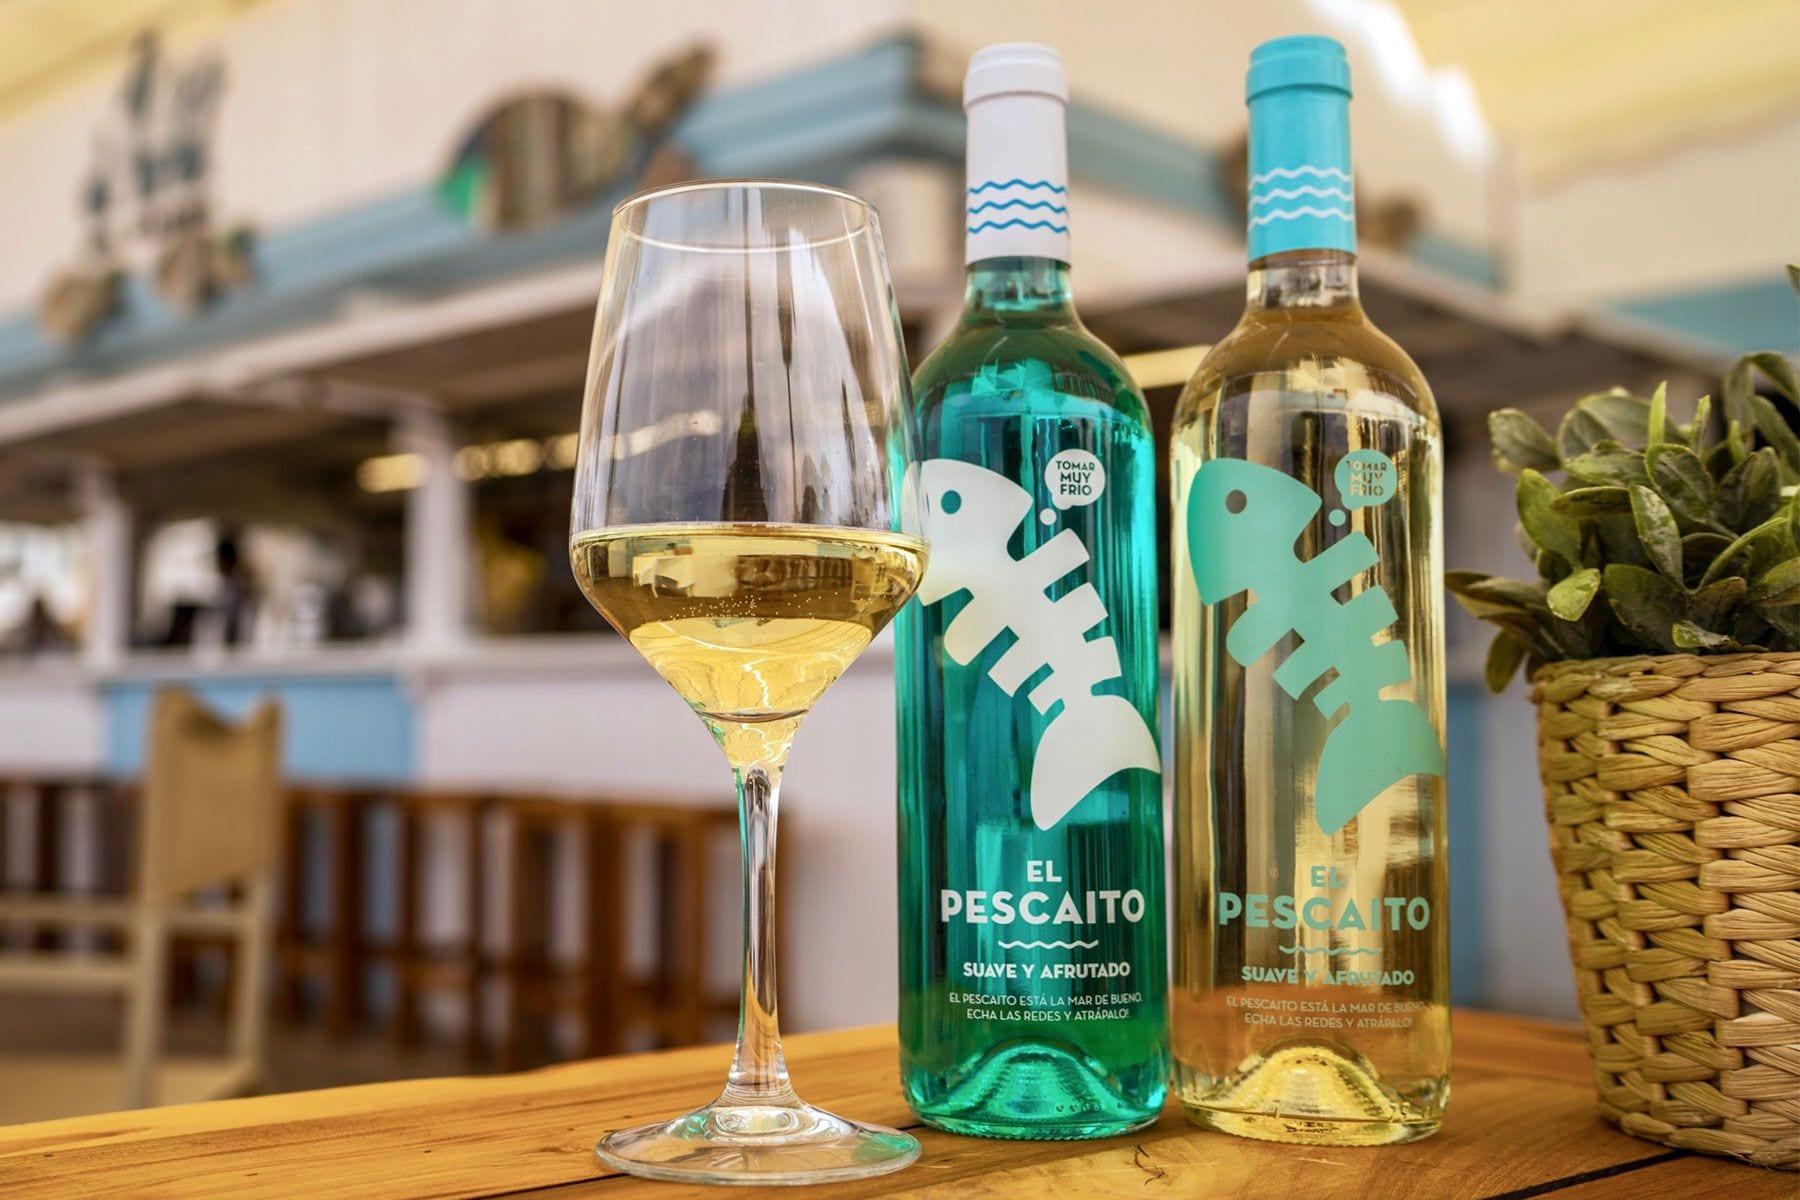 Botellas de vino El Pescaíto de Mercadona